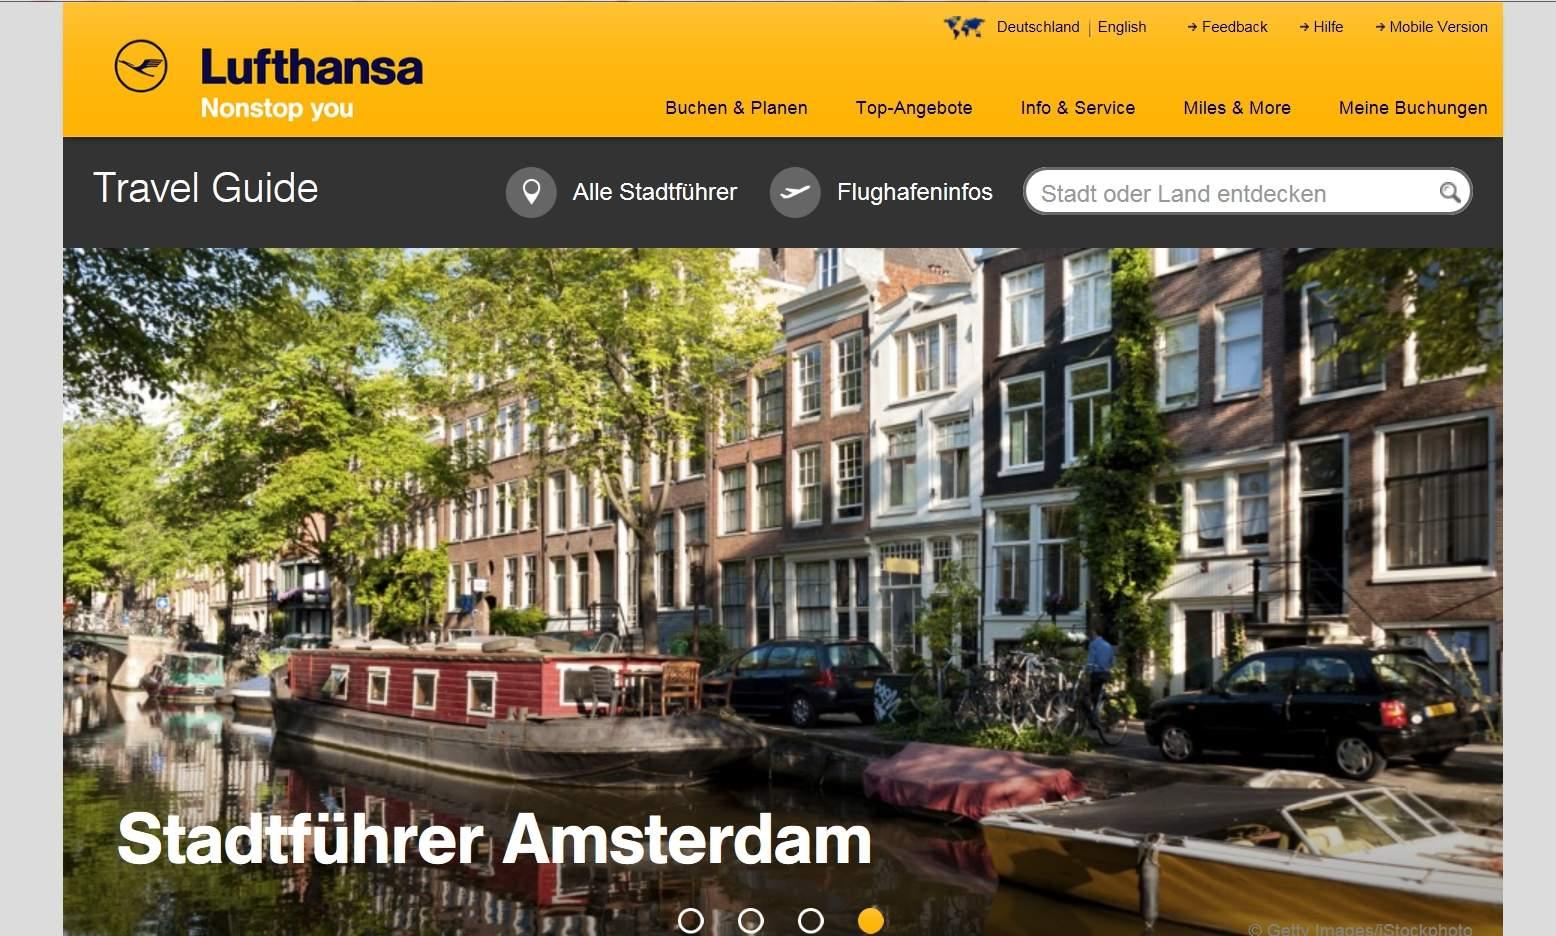 Képernyőfotó a Lufthansa online útikalauzáról, amely itt éppen a holland fővárost mutatja. (Forrás: Lufthansa) | © AIRportal.hu